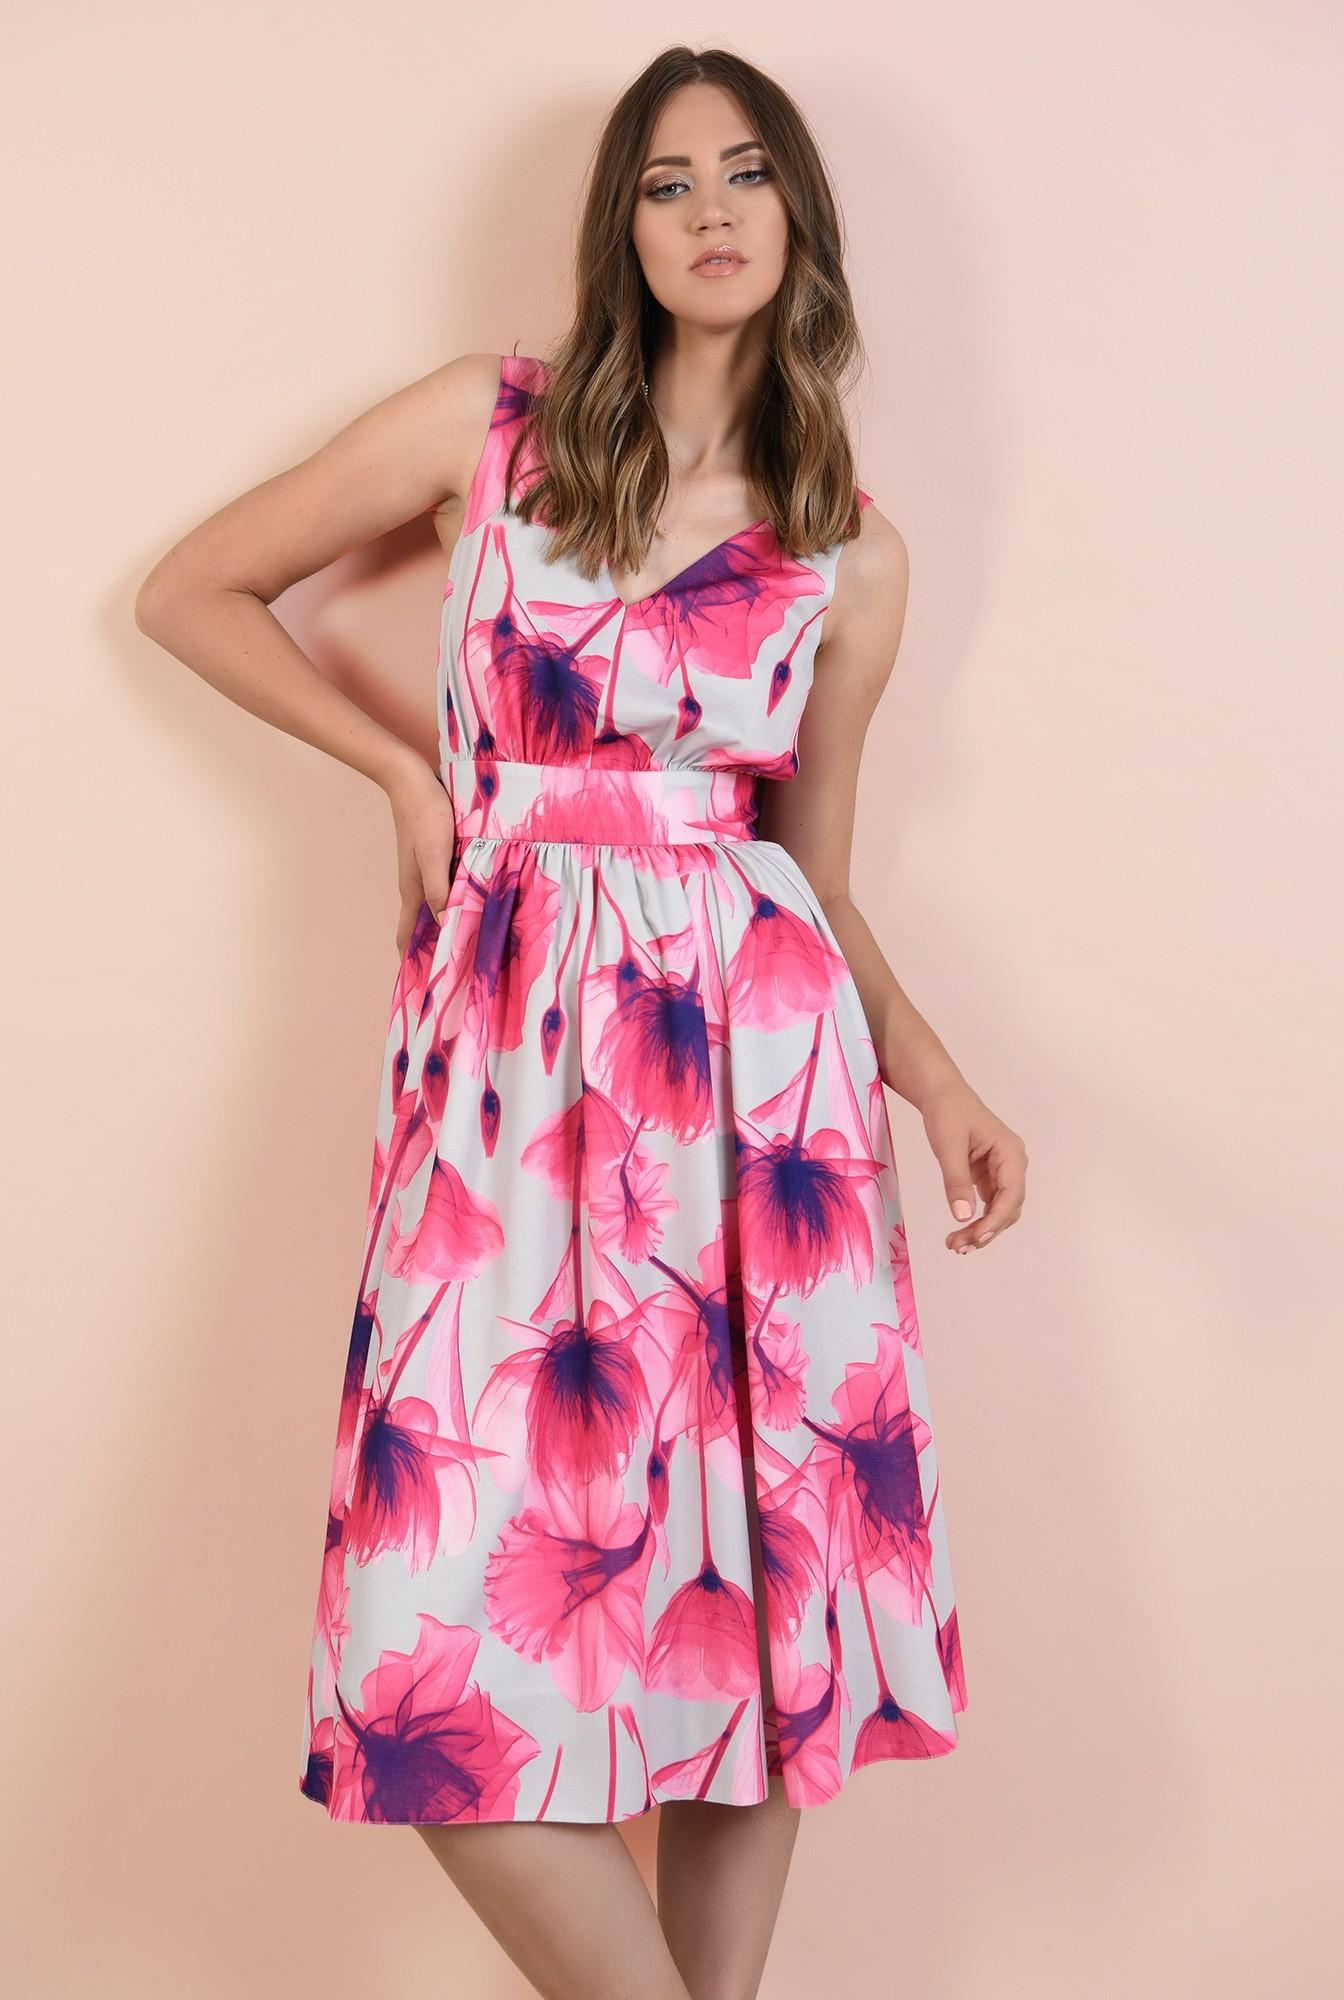 0 - rochie eleganta, croi pe bie, decolteu in V, midi, evazata, cu flori